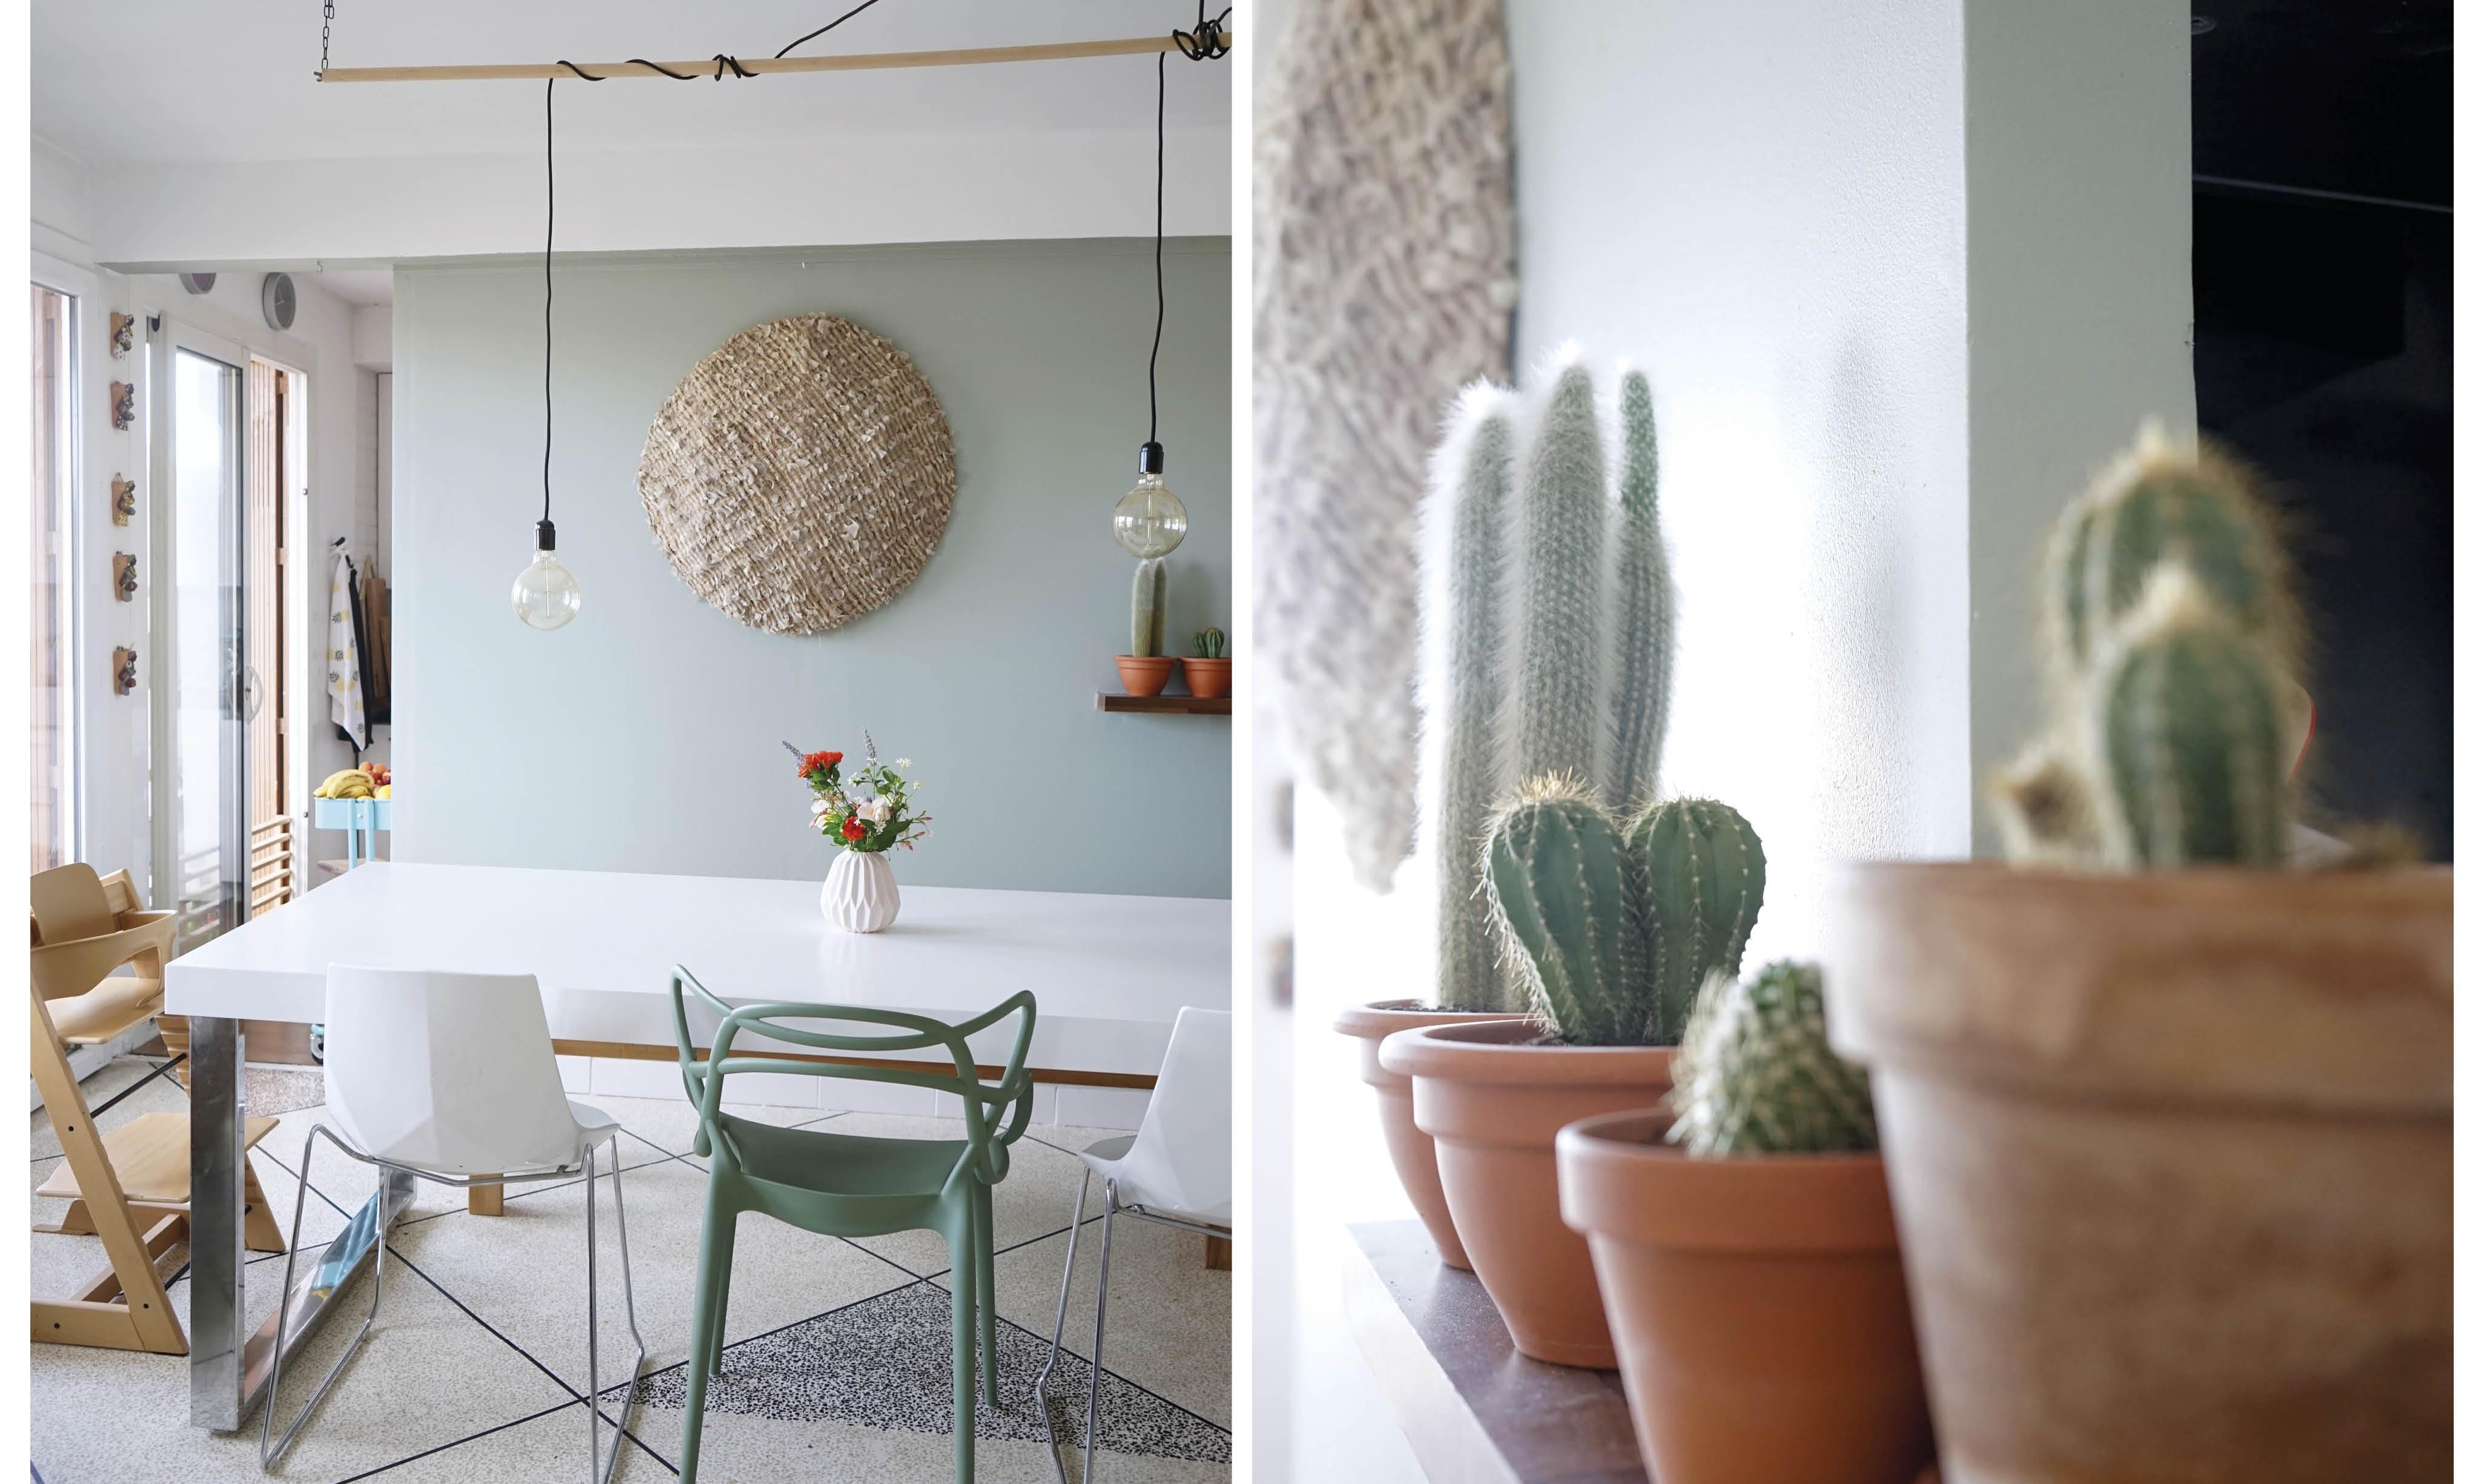 avant apr s mon mur et mon s jour changent de couleur decouvrirdesign. Black Bedroom Furniture Sets. Home Design Ideas